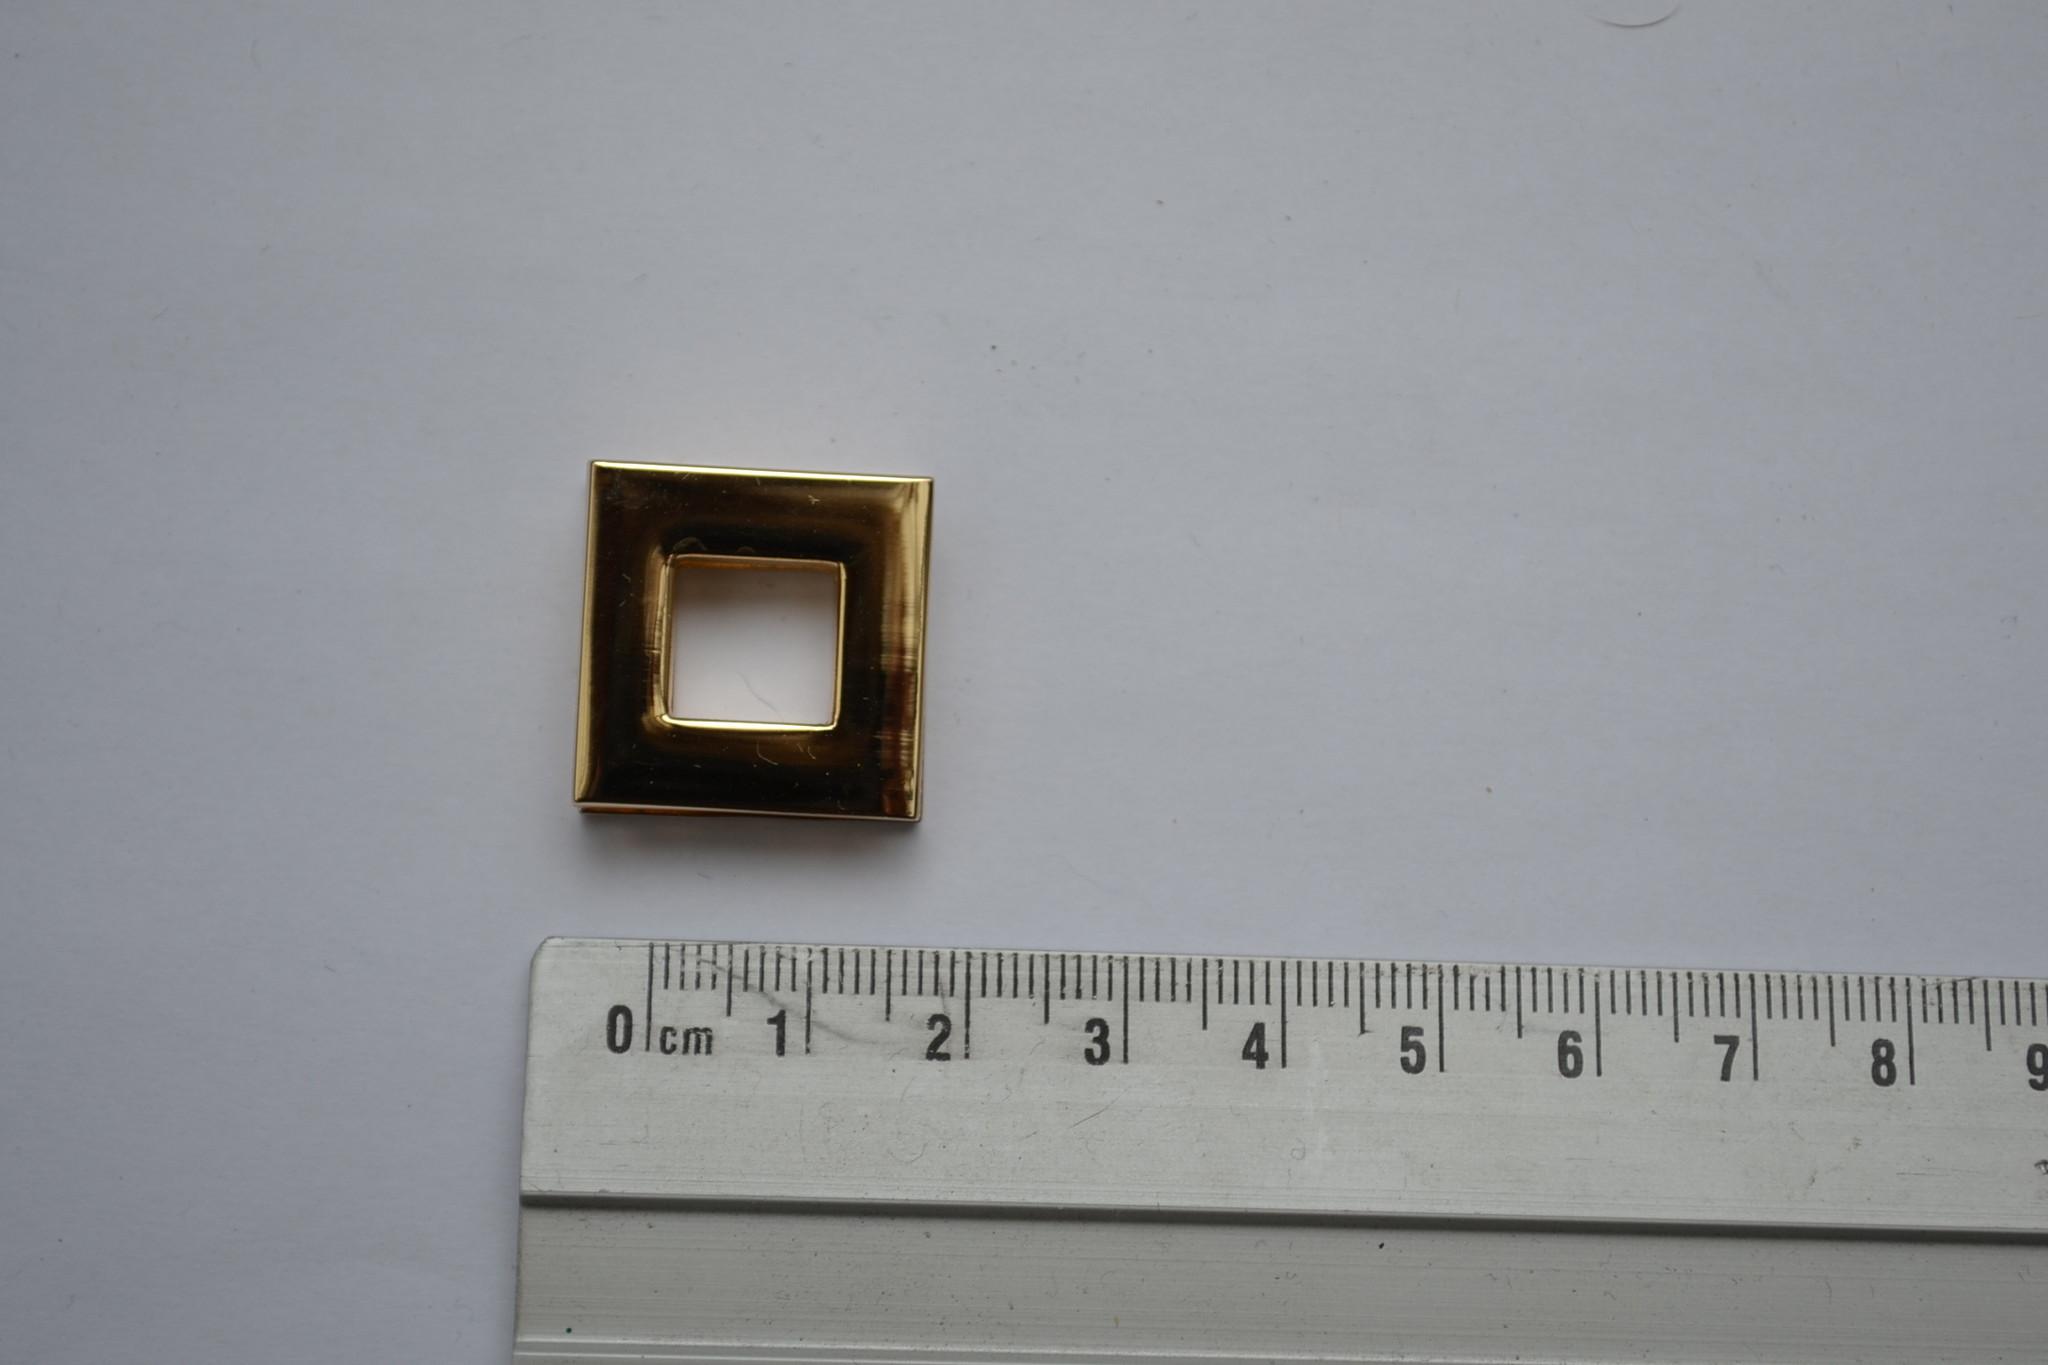 Oog vierkant goud 10mm